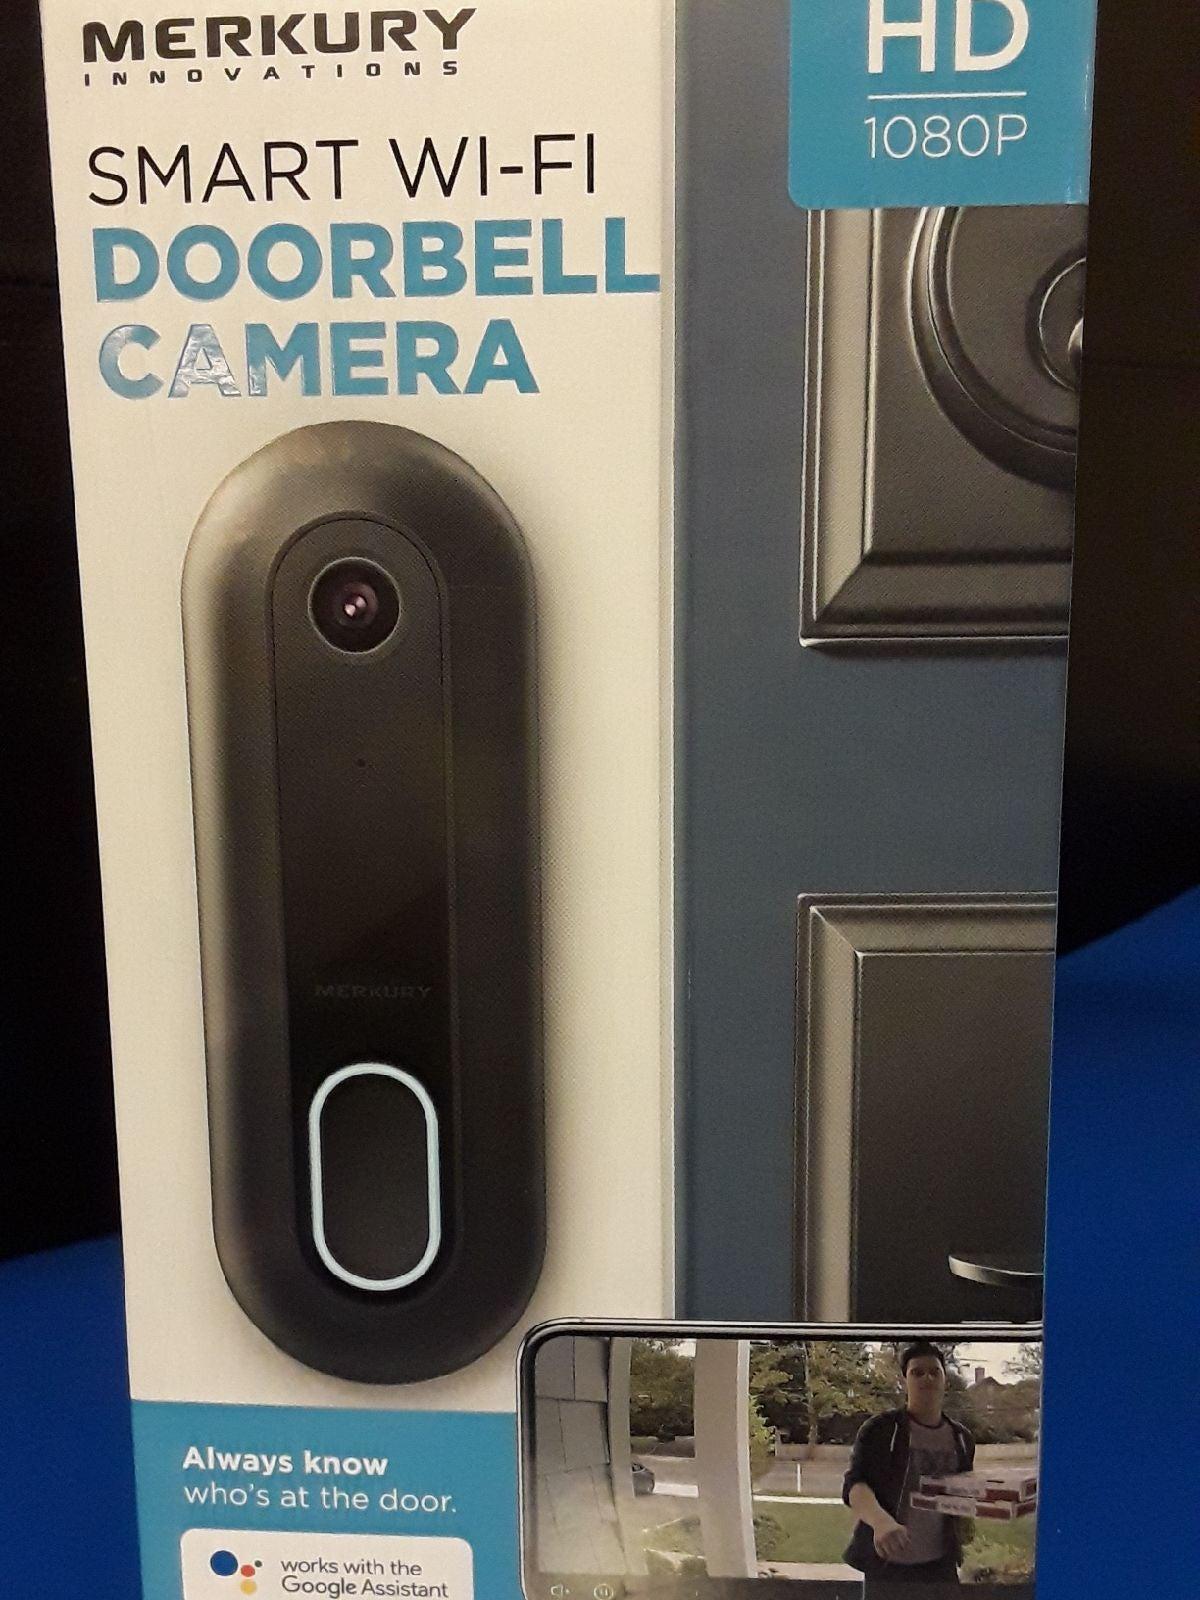 Smart wi-fi doorbell camera